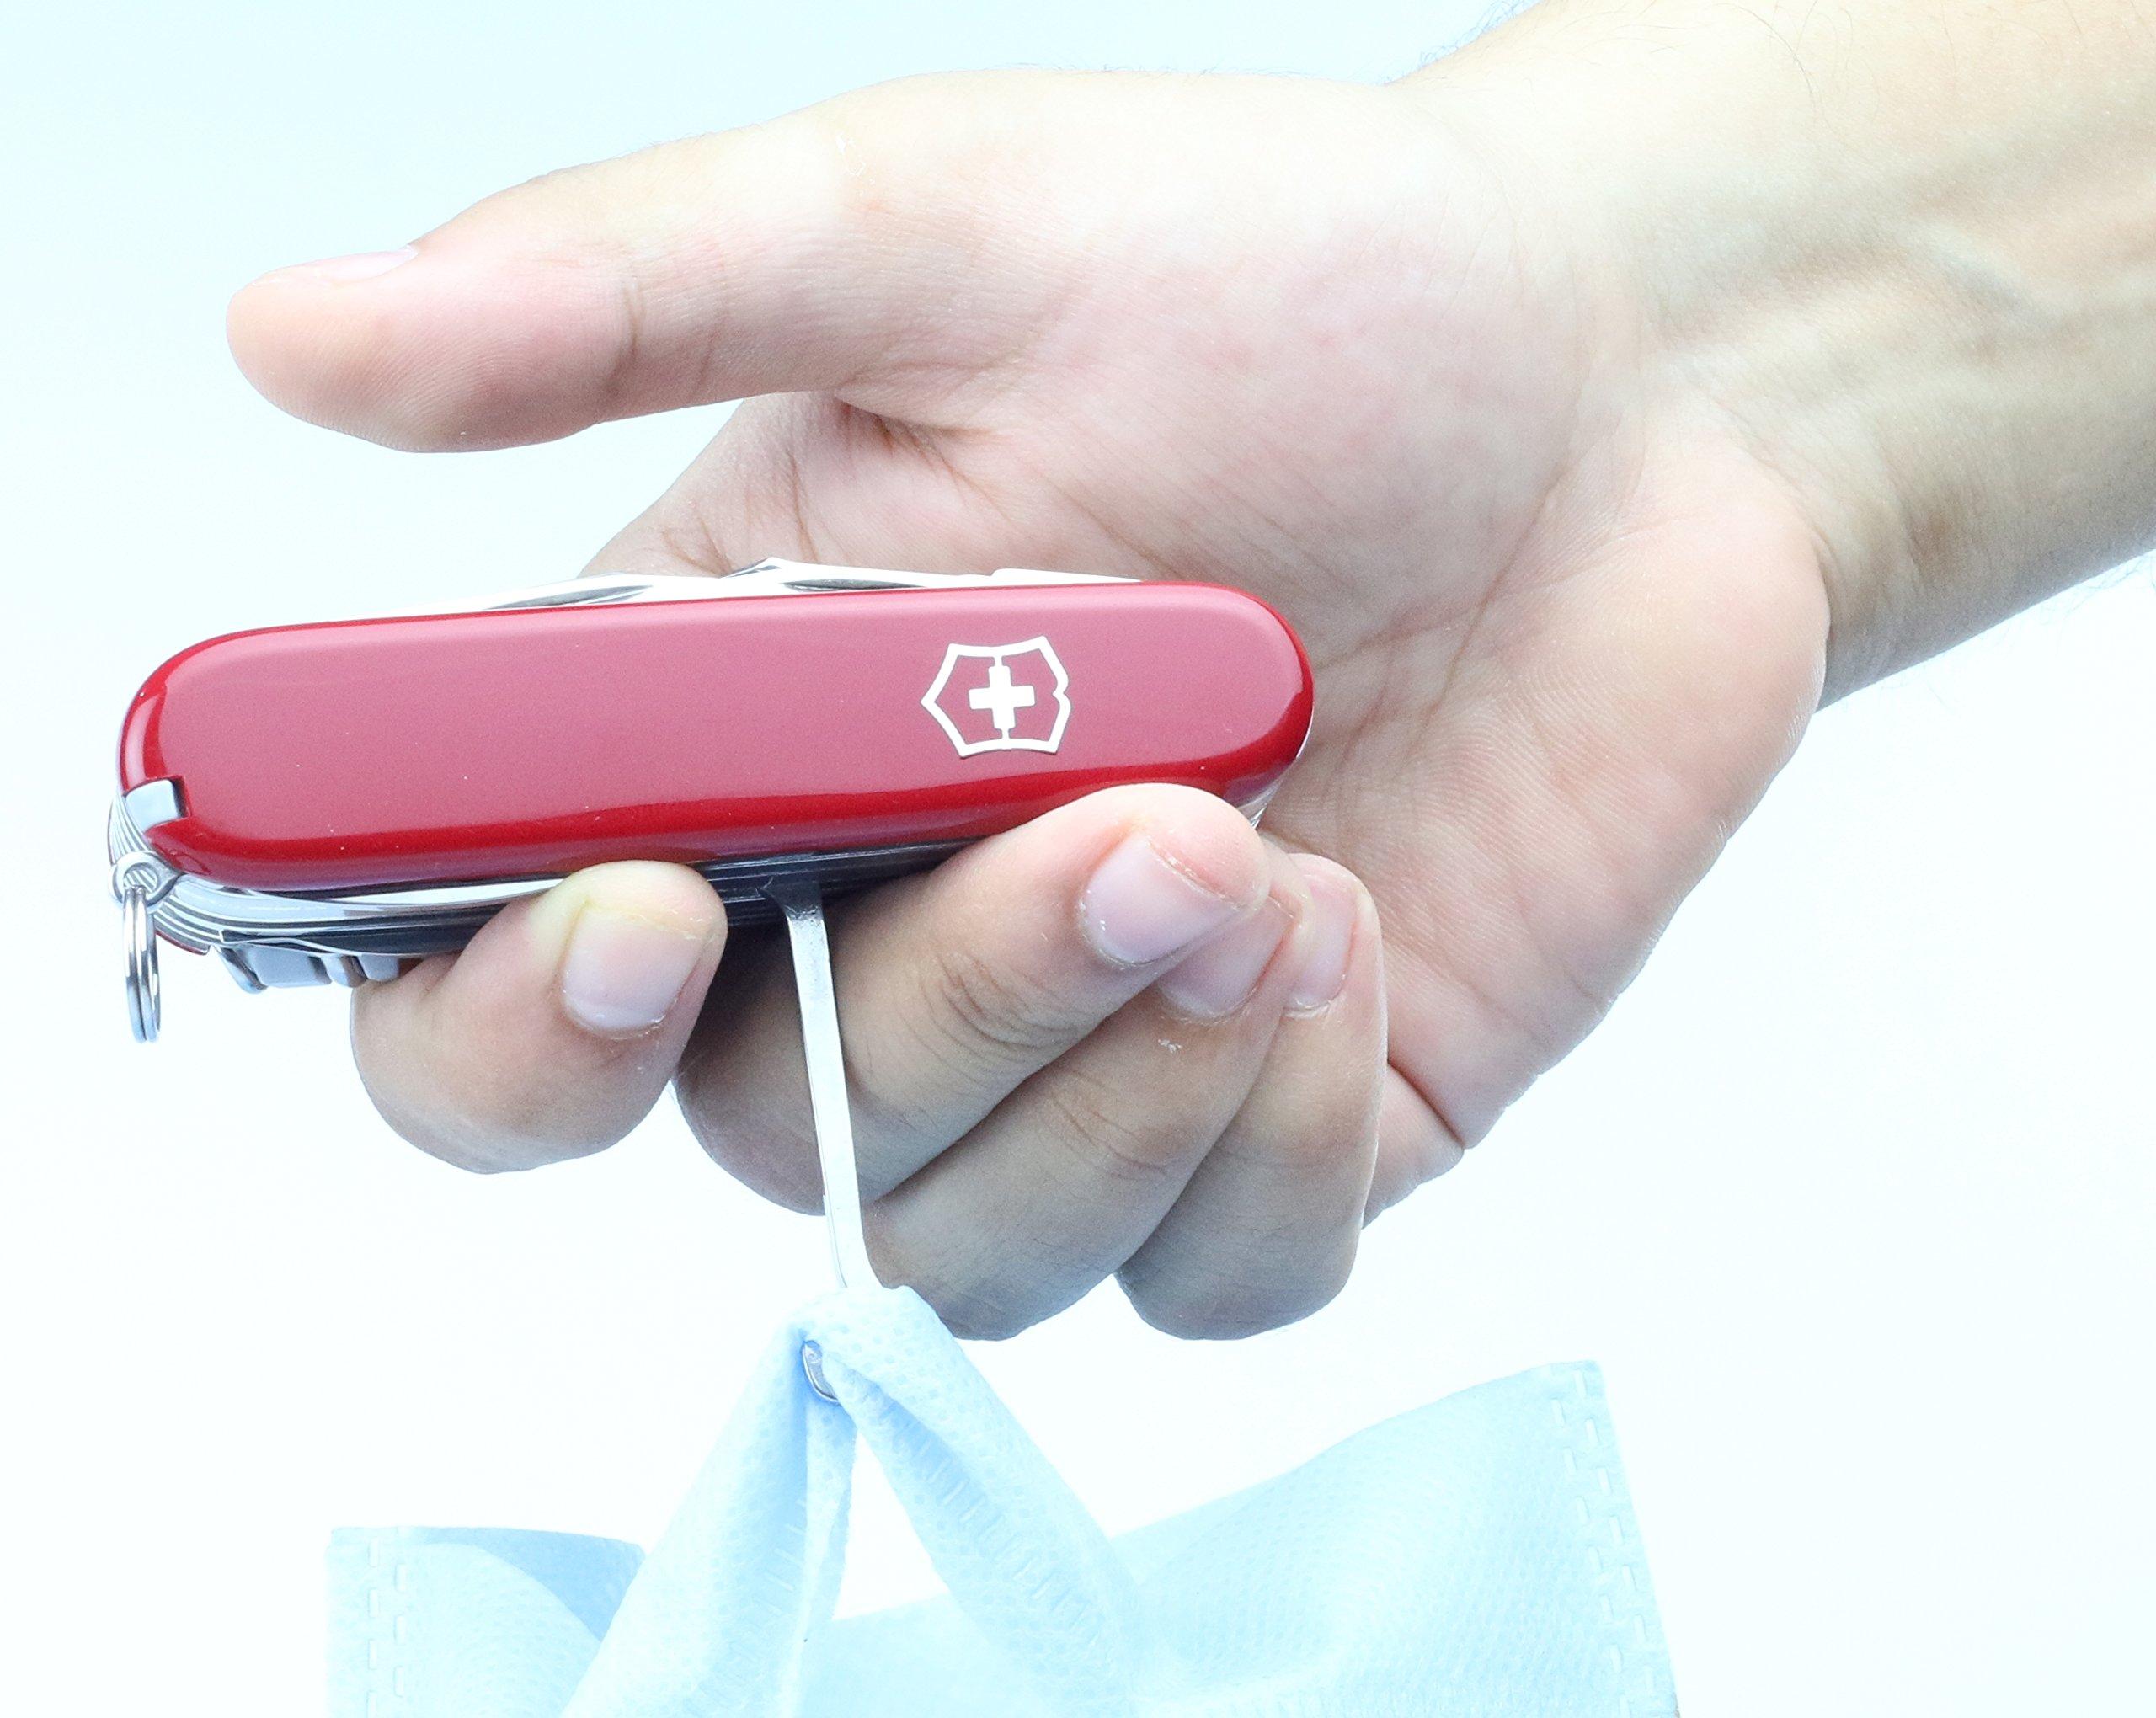 Victorinox Taschenwerkzeug Offiziersmesser Swiss Champ Rot Swisschamp Officer's Knife, Red, 91mm 22